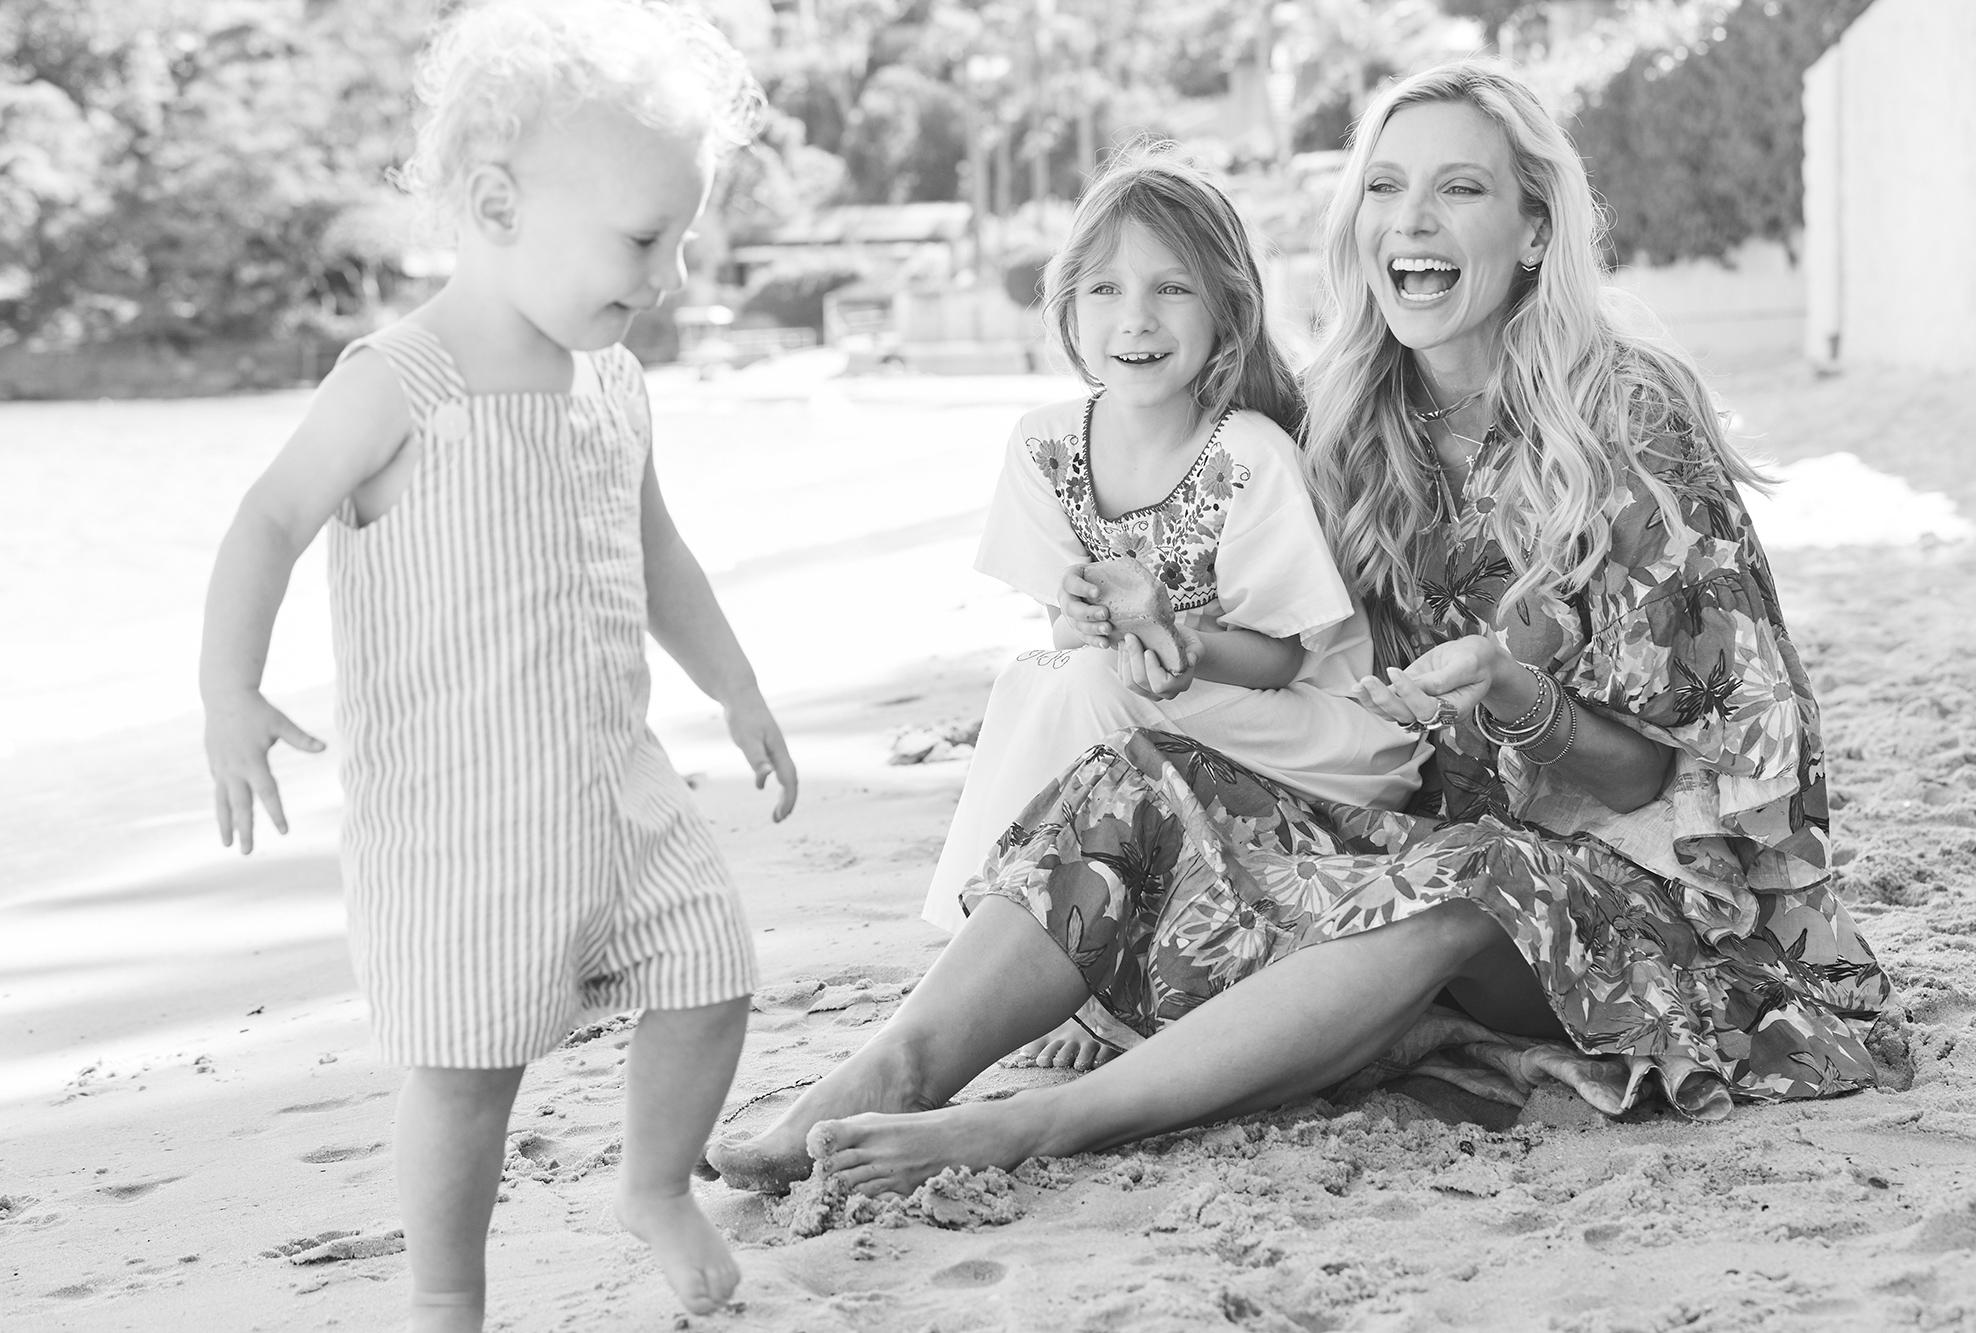 Calgary Avansino's 5 tips for healthier kids